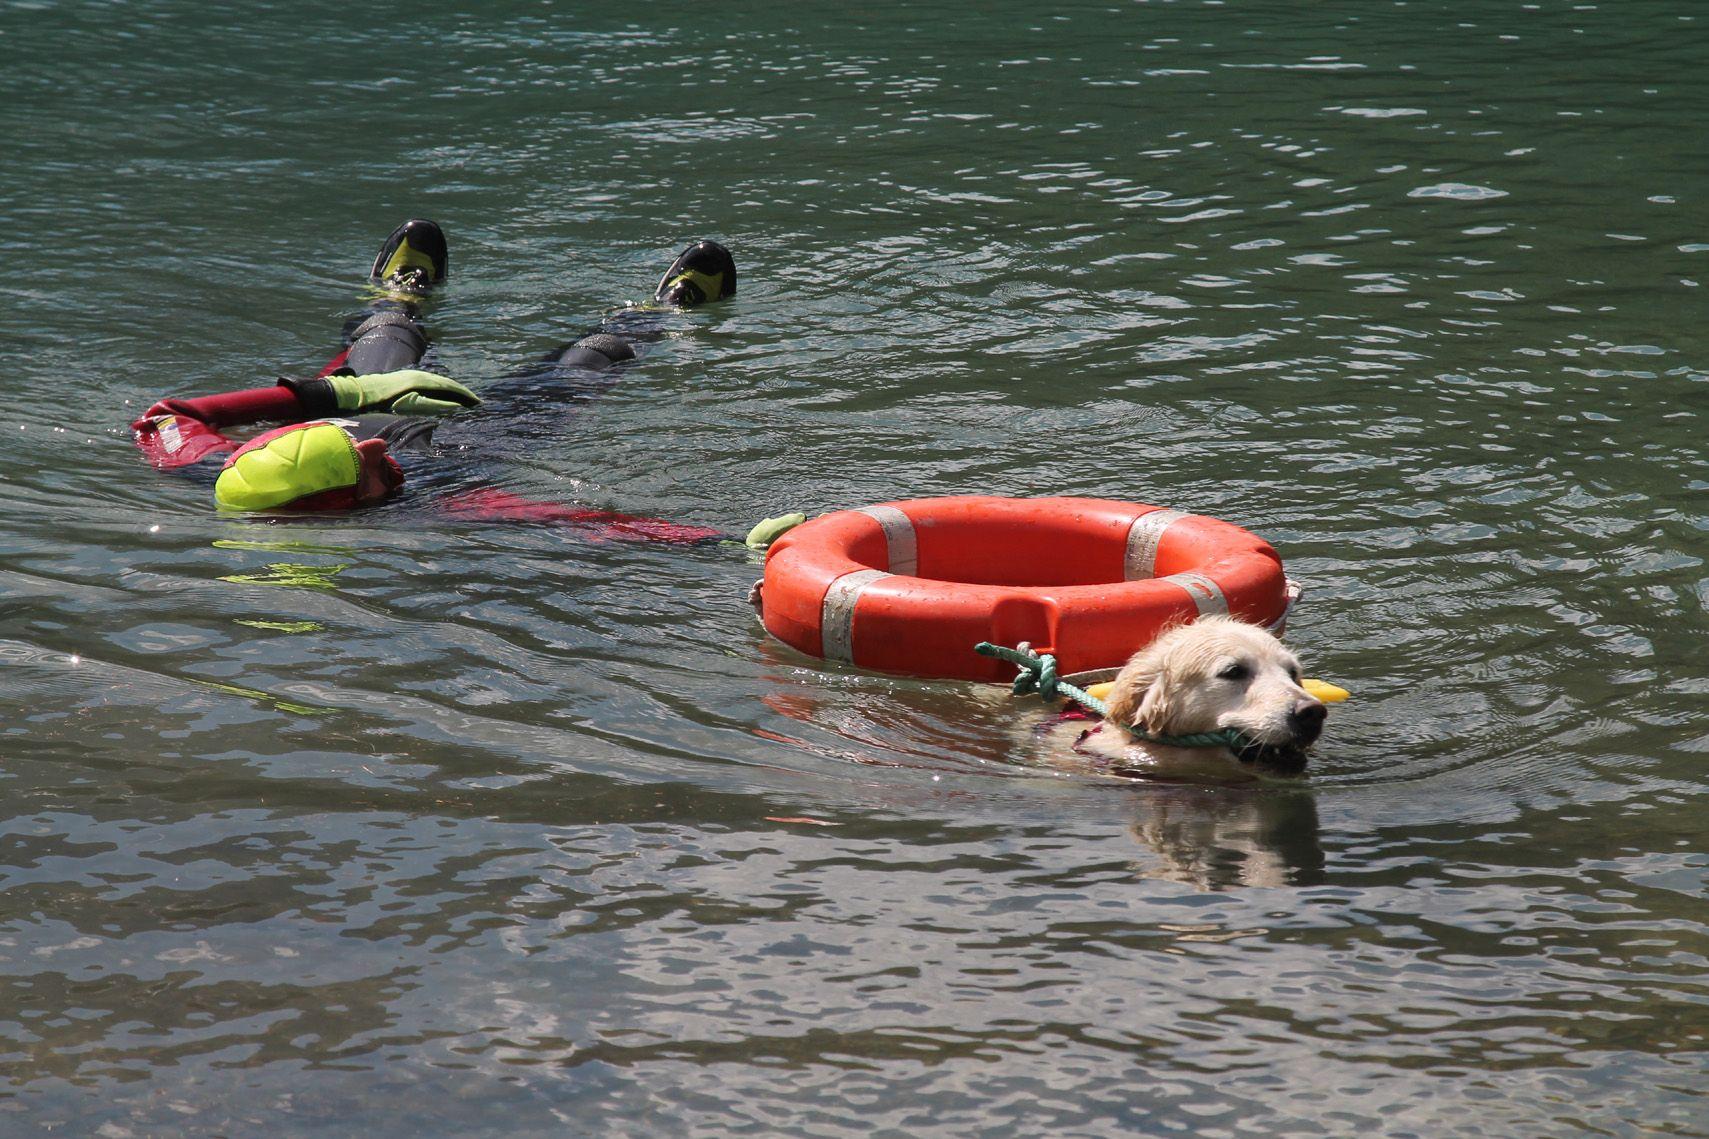 CERESOLE REALE - I cani Terranova nel lago per l'abilitazione al soccorso in acqua